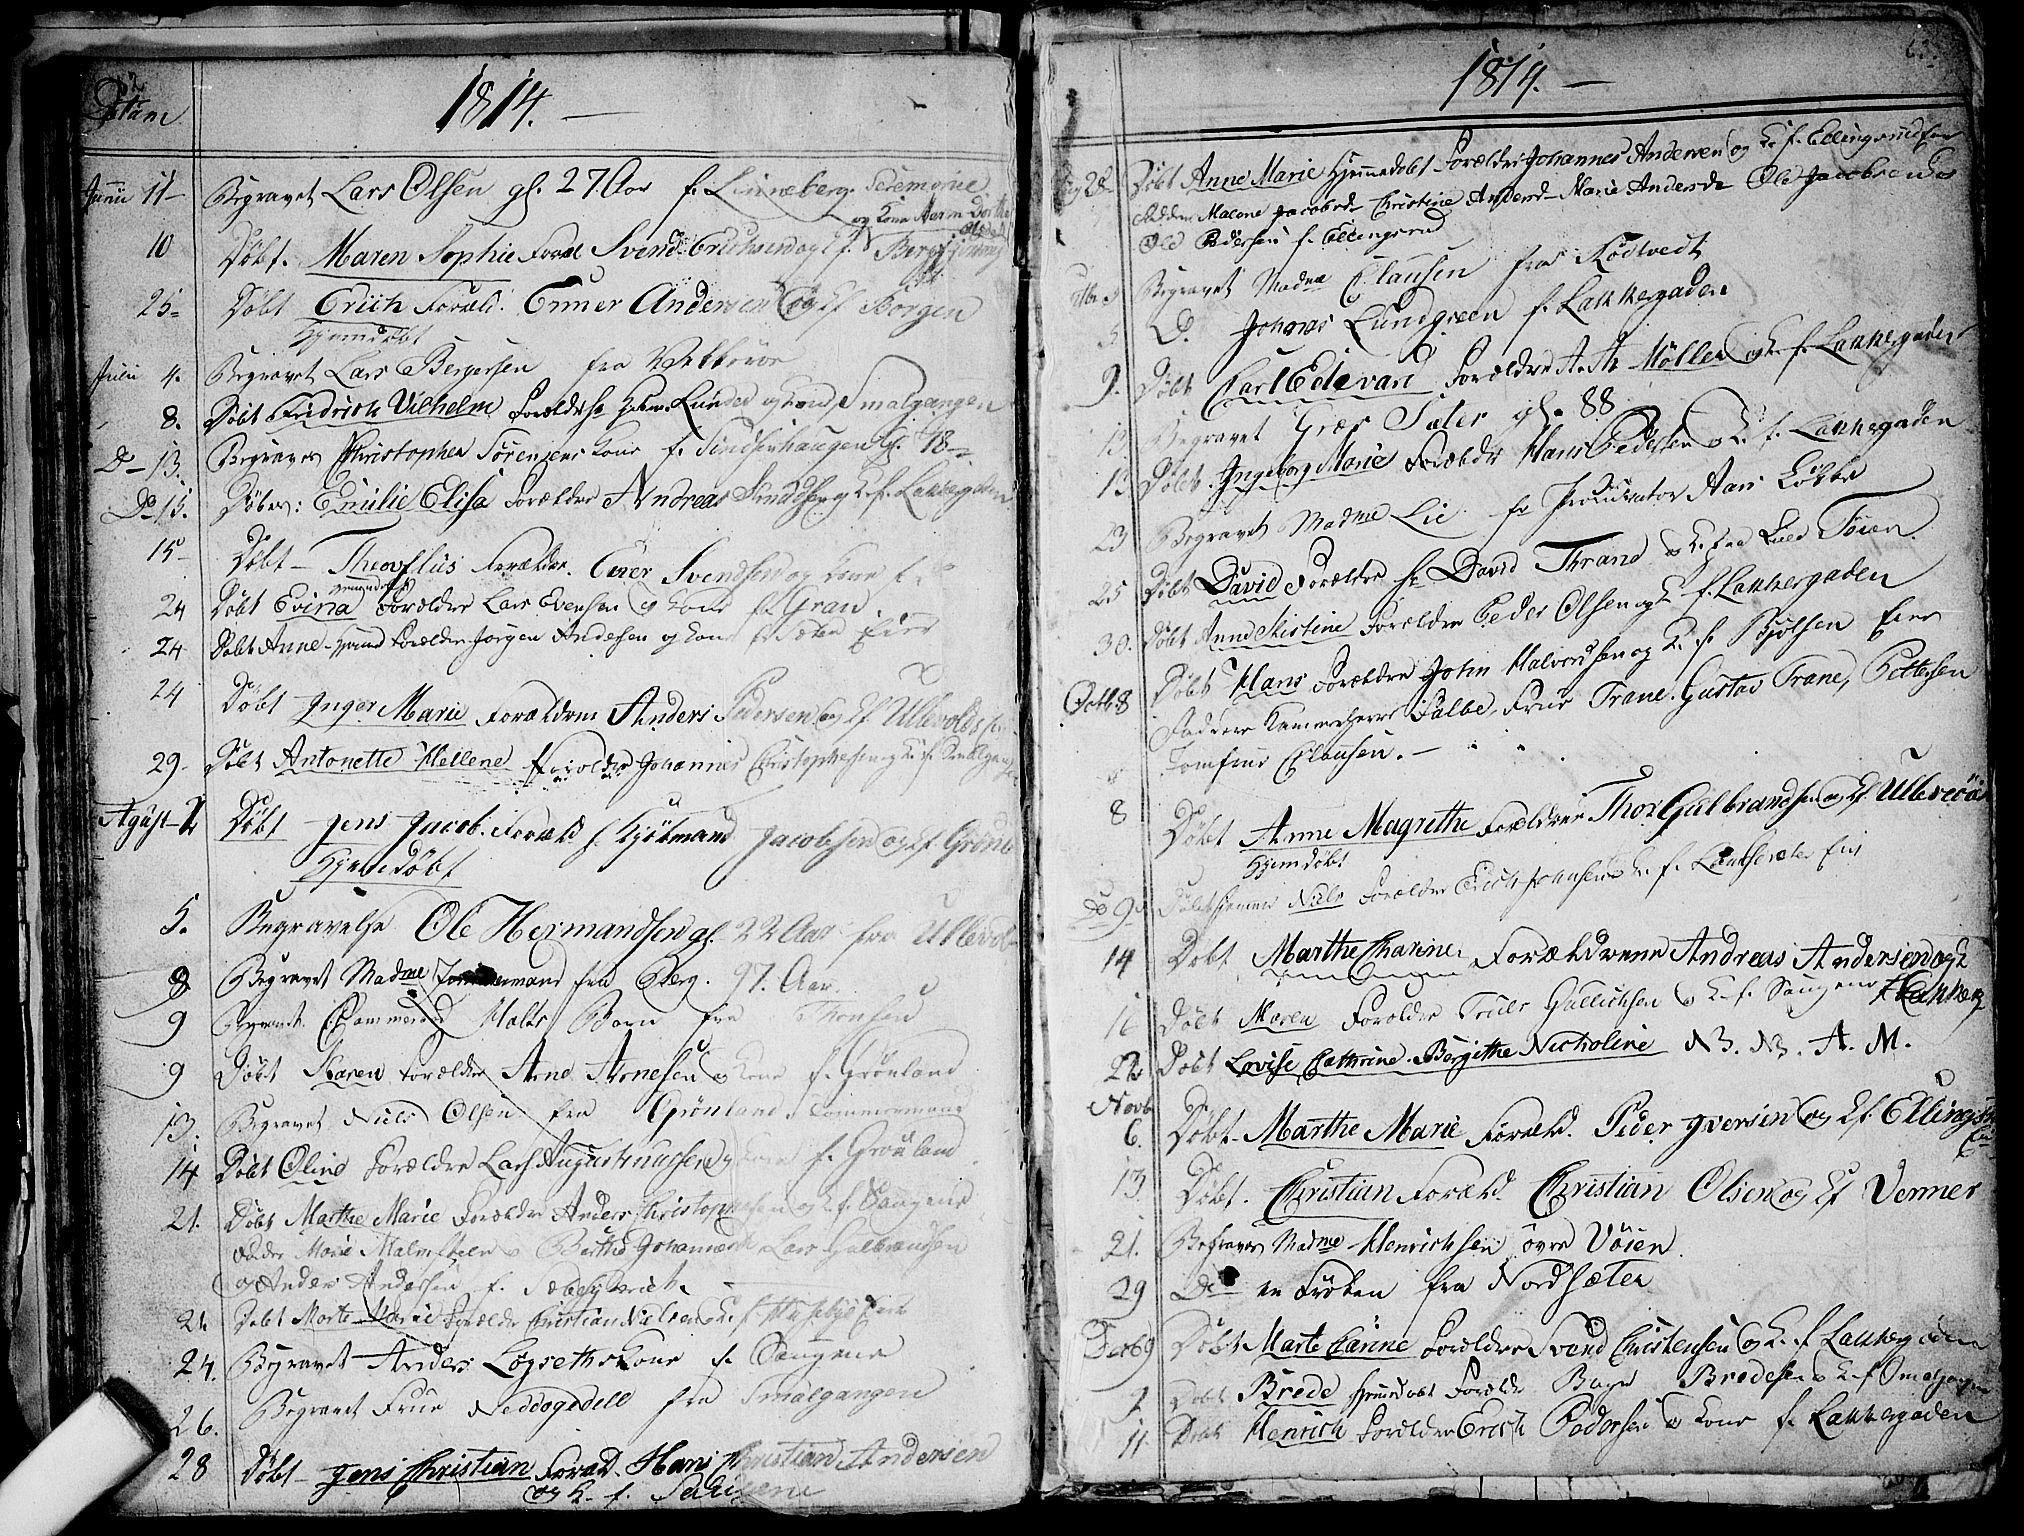 SAO, Aker prestekontor kirkebøker, G/L0001: Klokkerbok nr. 1, 1796-1826, s. 62-63